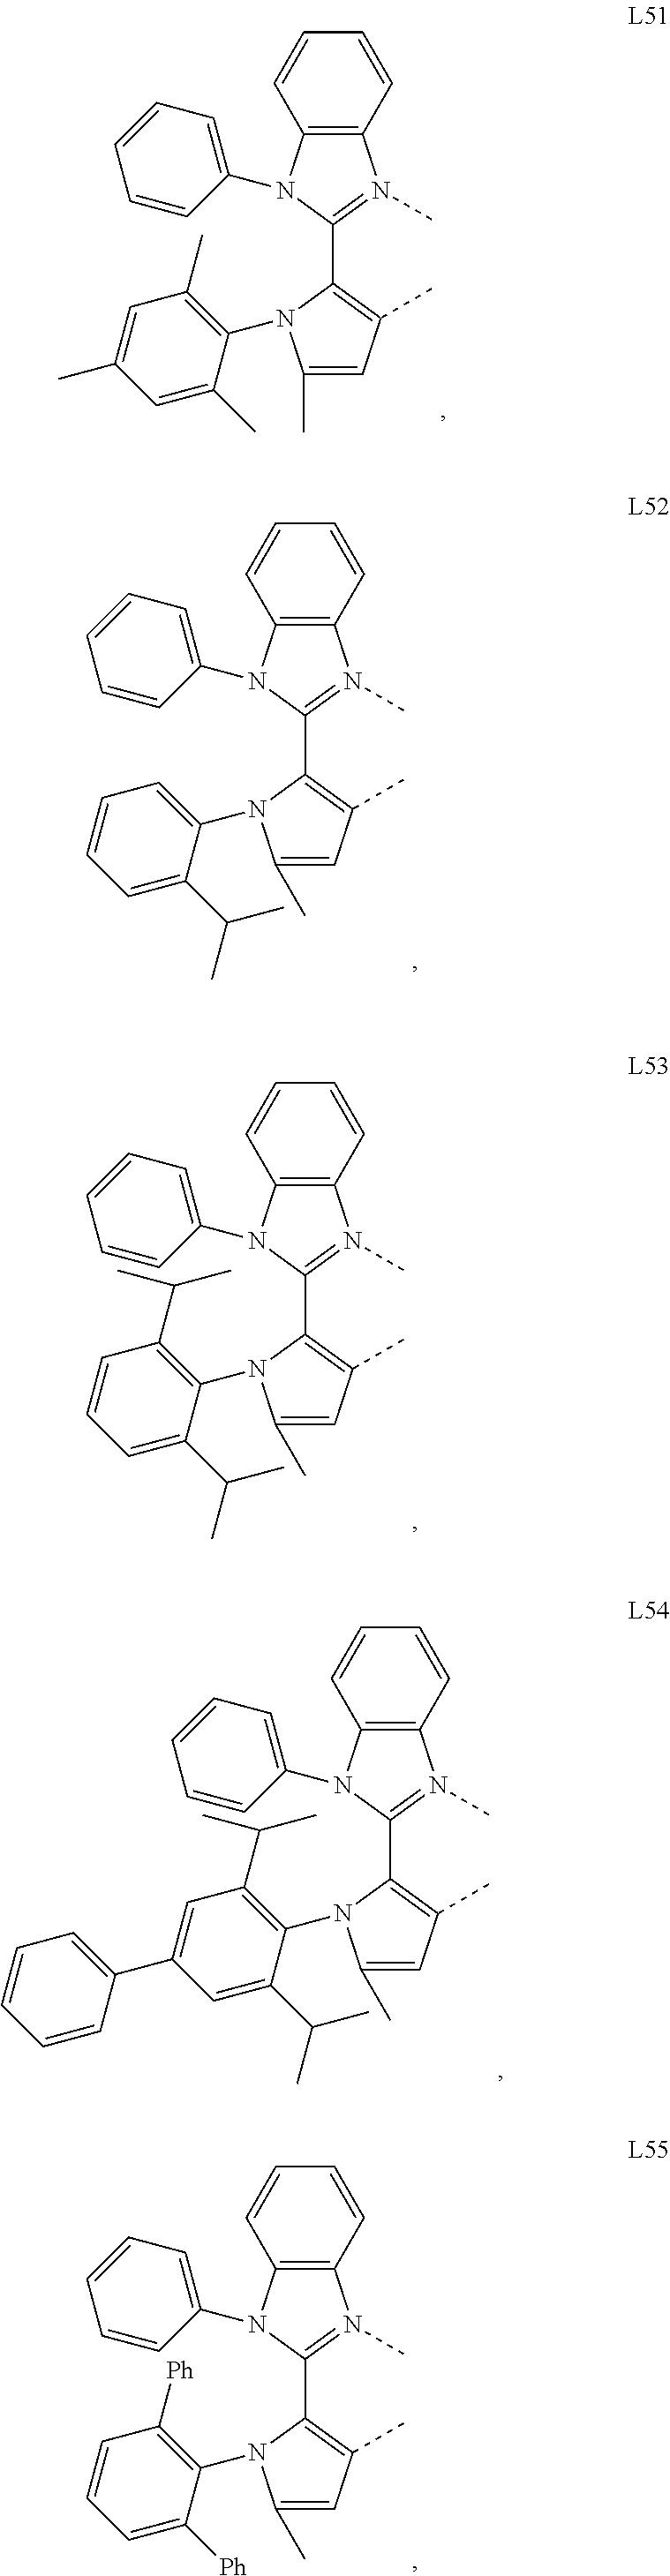 Figure US09935277-20180403-C00015